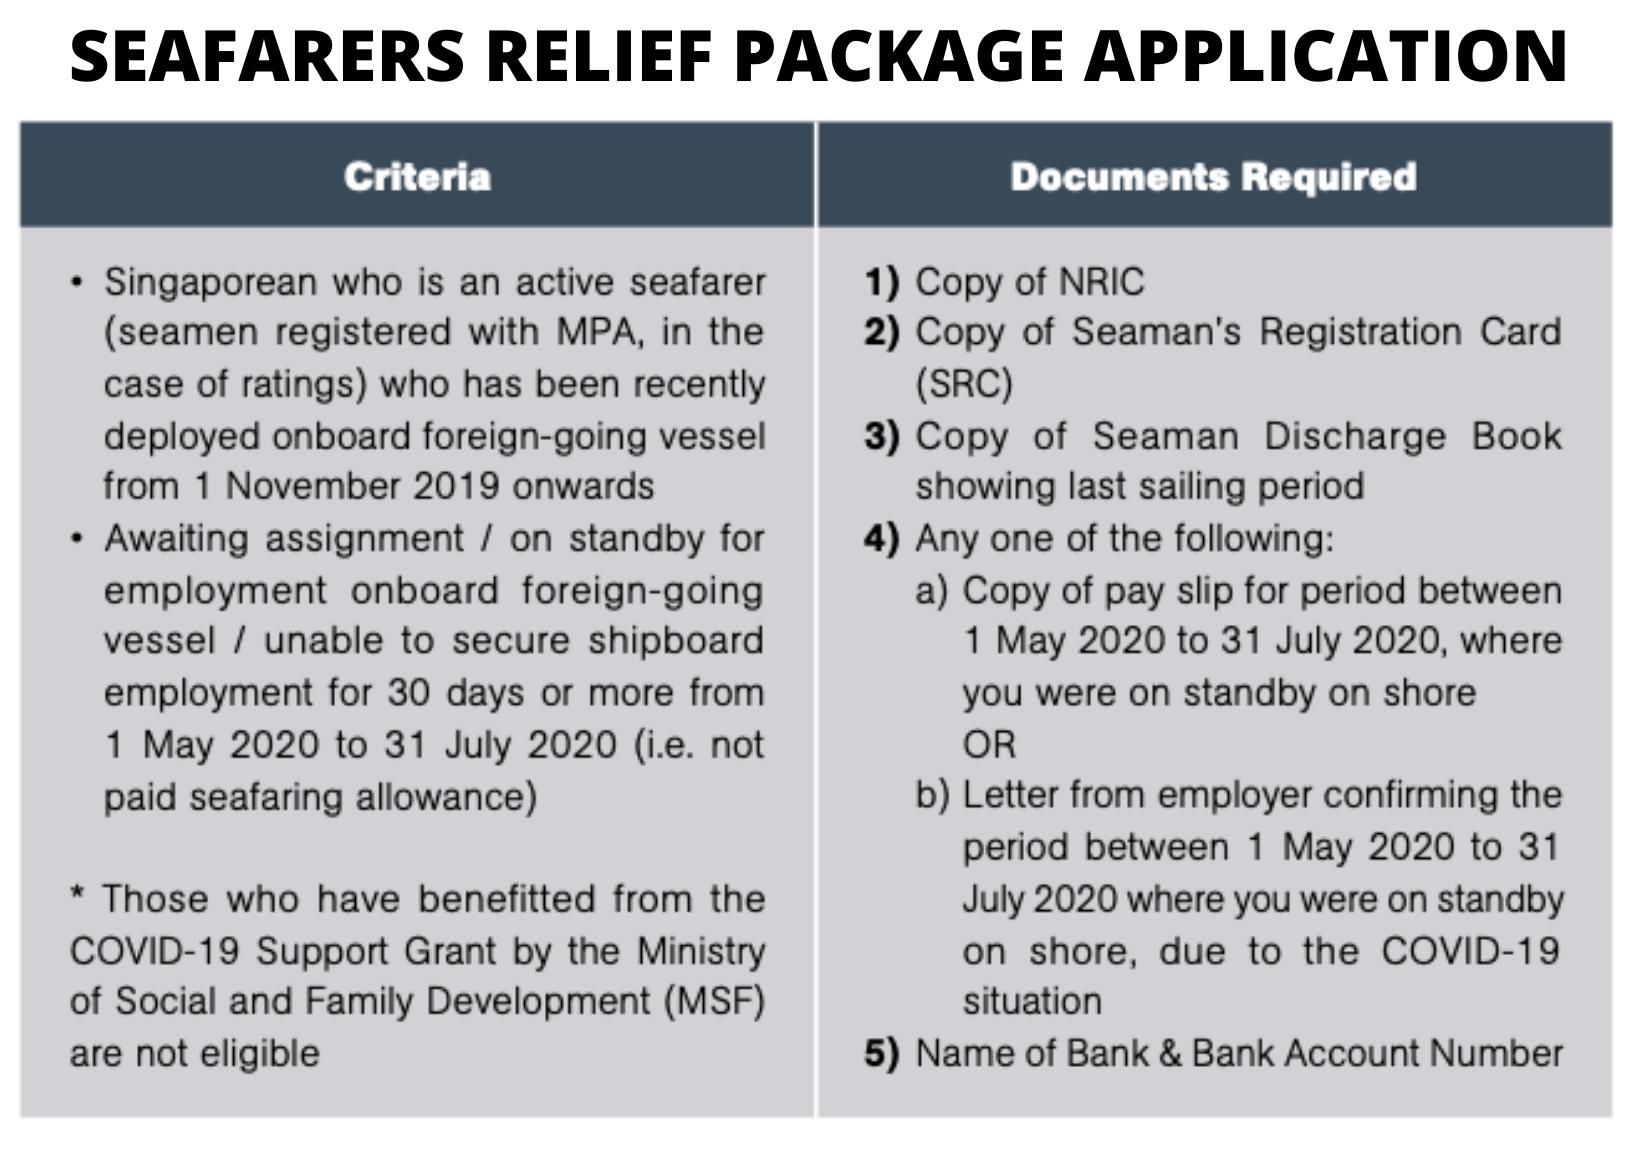 SOS Samudra: Seafarers Relief Package